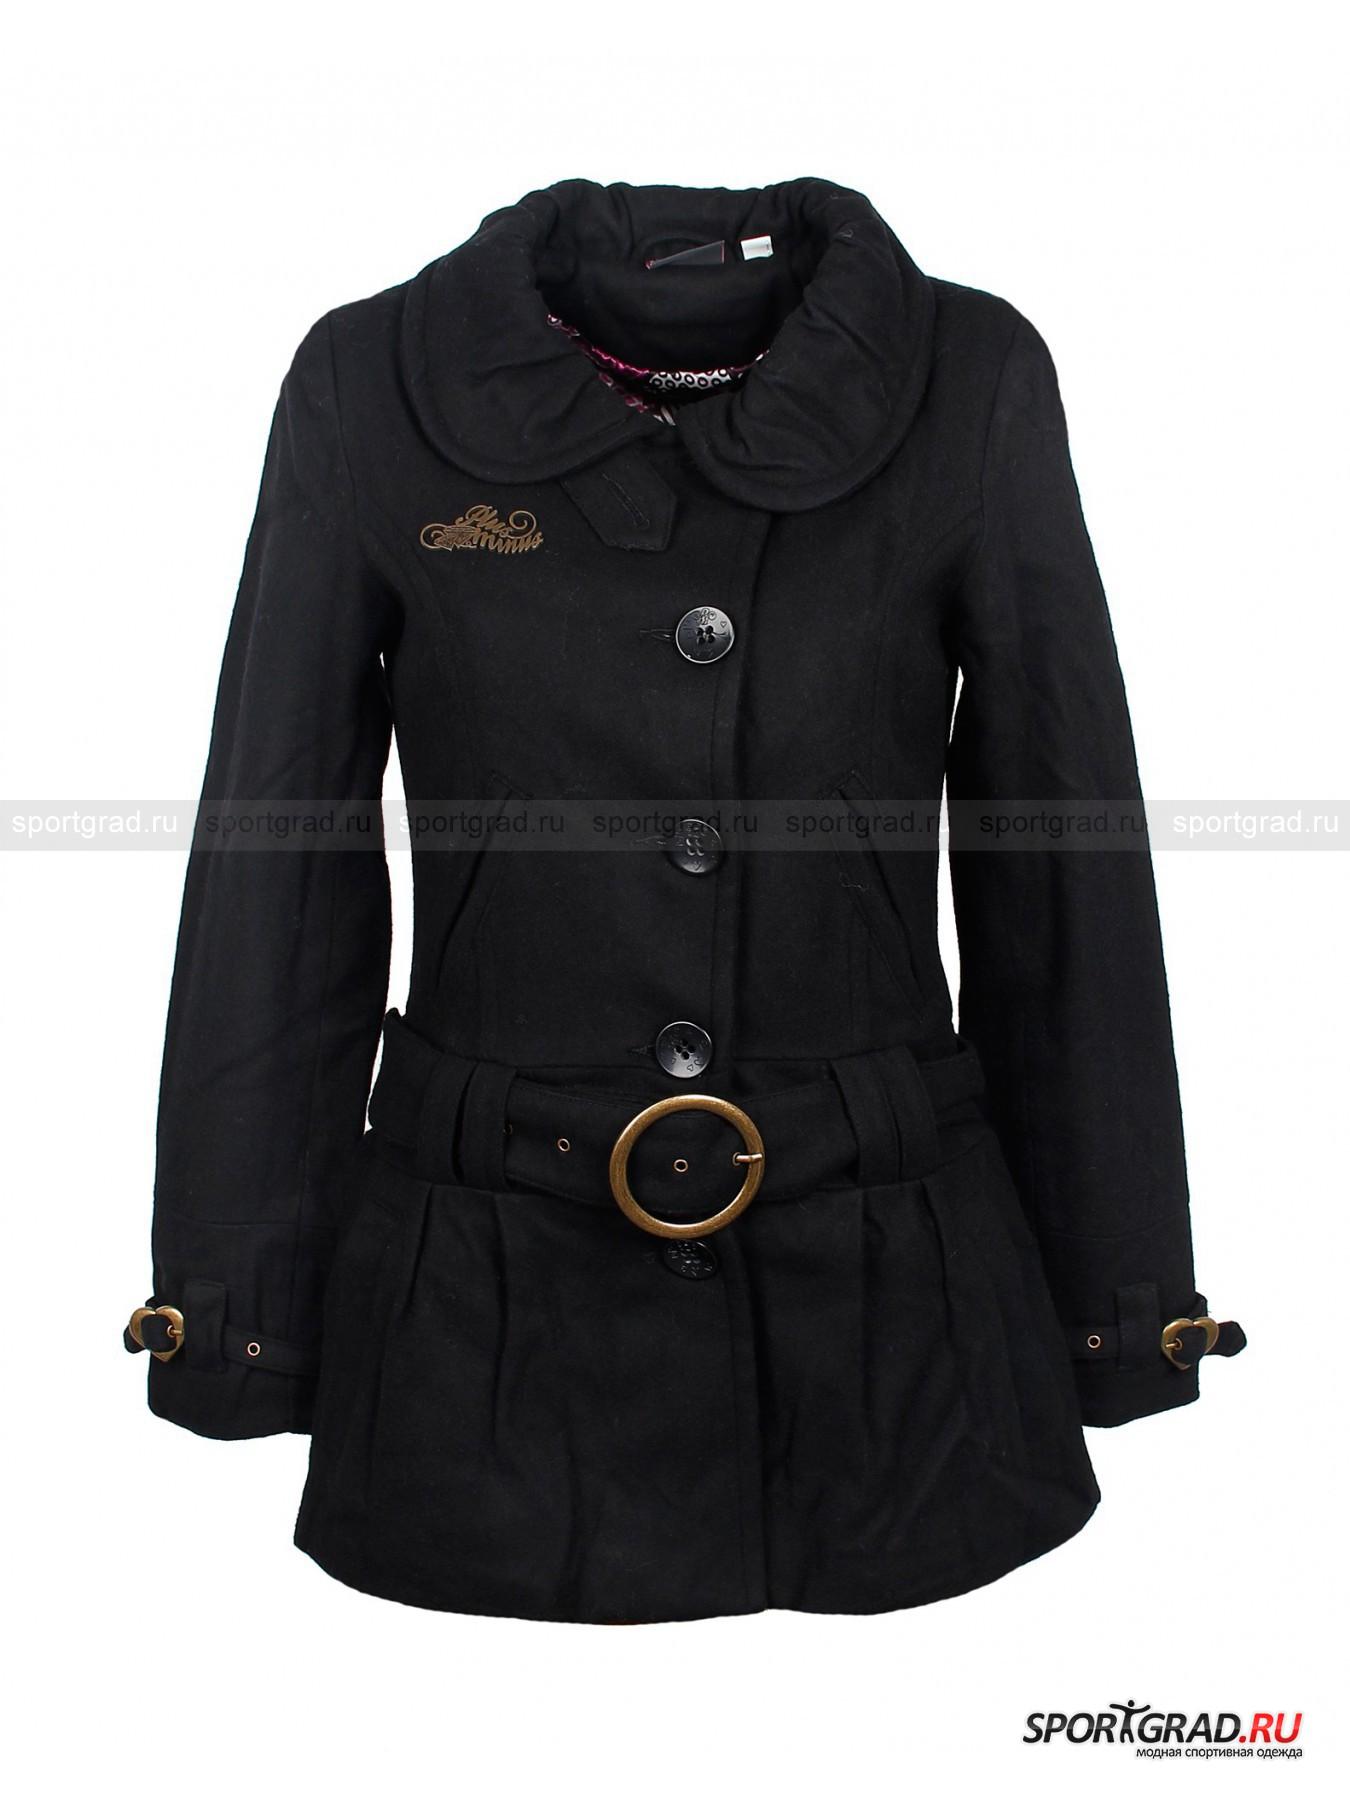 Пальто женское Marlin PLUSMINUS от Спортград